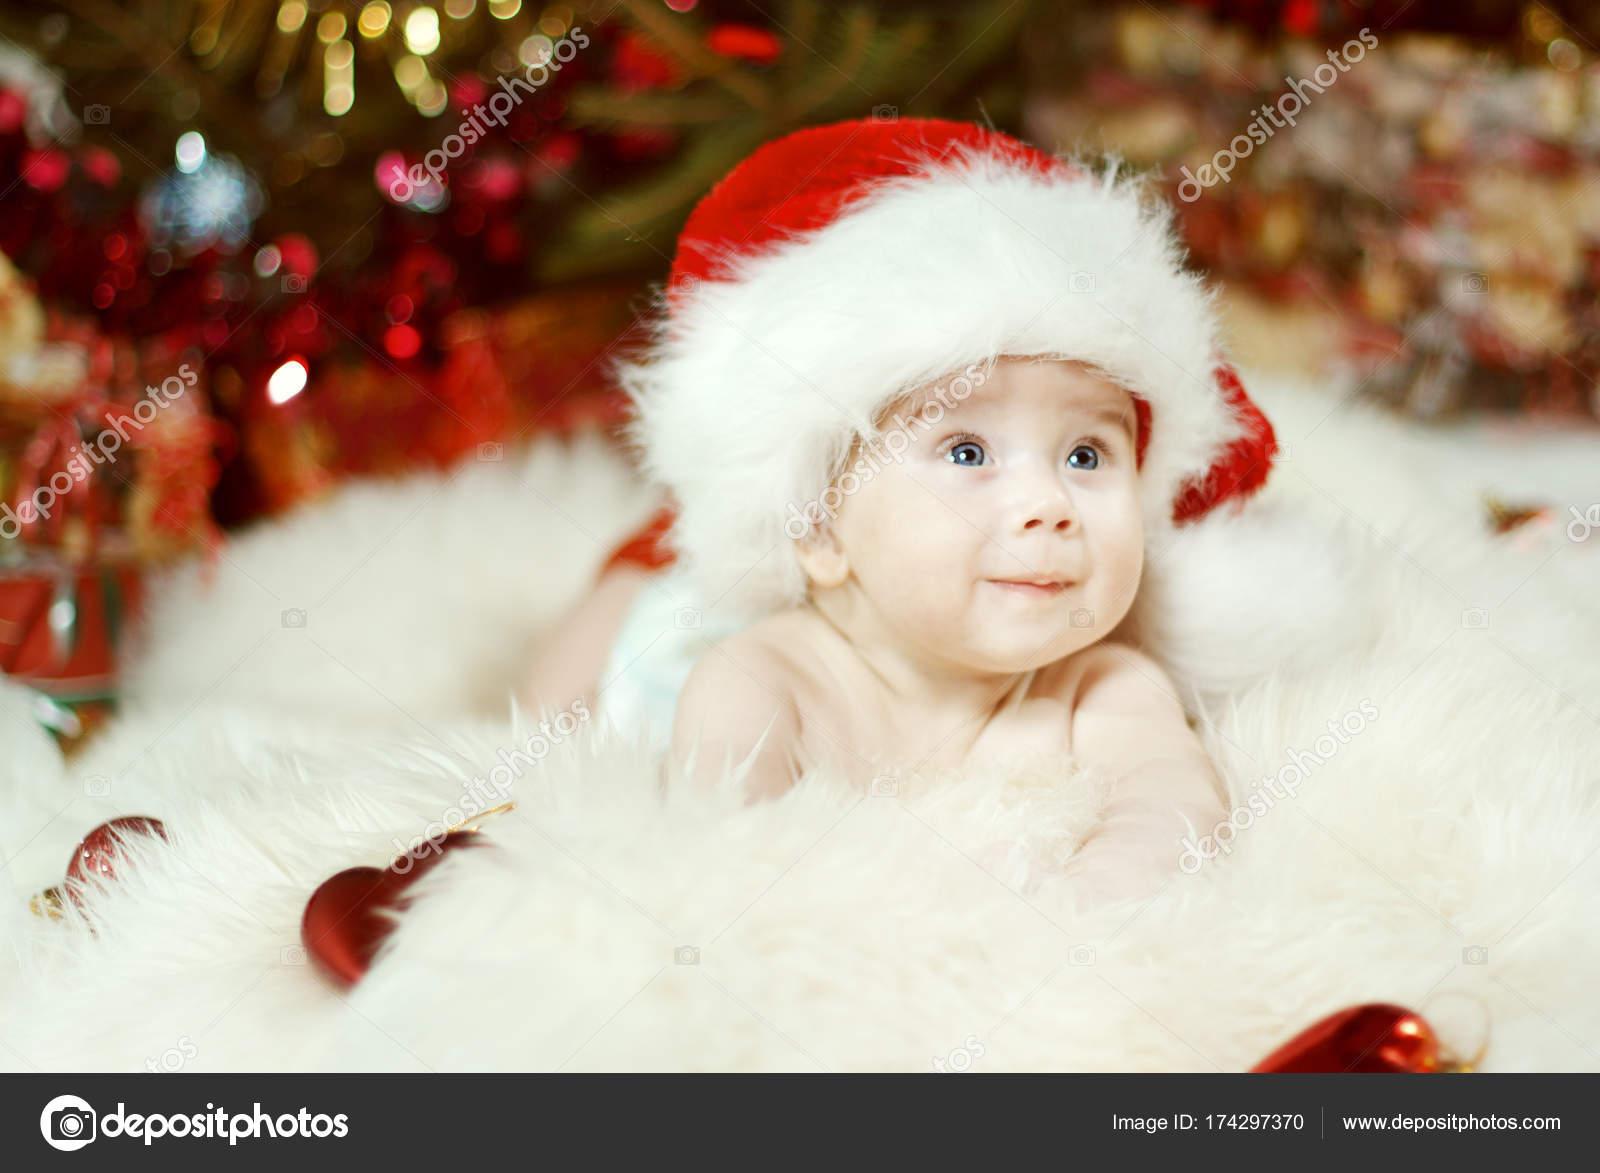 8d749c194d3 Christmas Baby Portrait